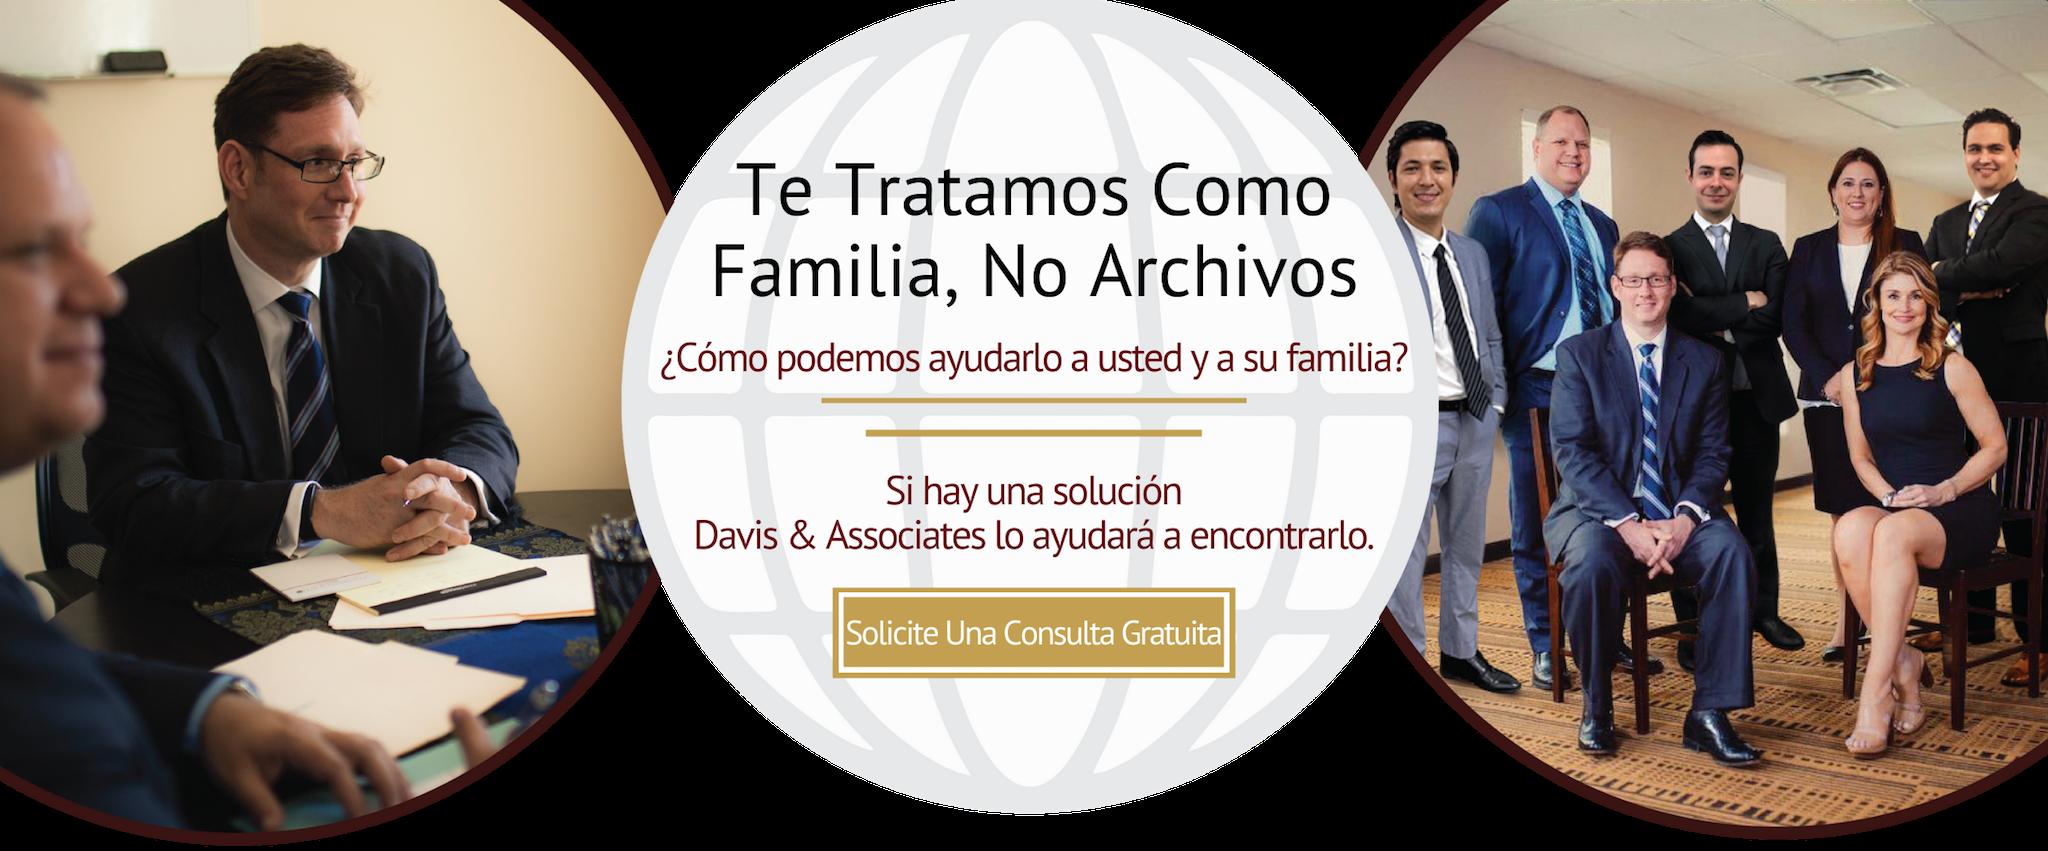 Davis & Associates - Abogados de inmigración de Texas (2)